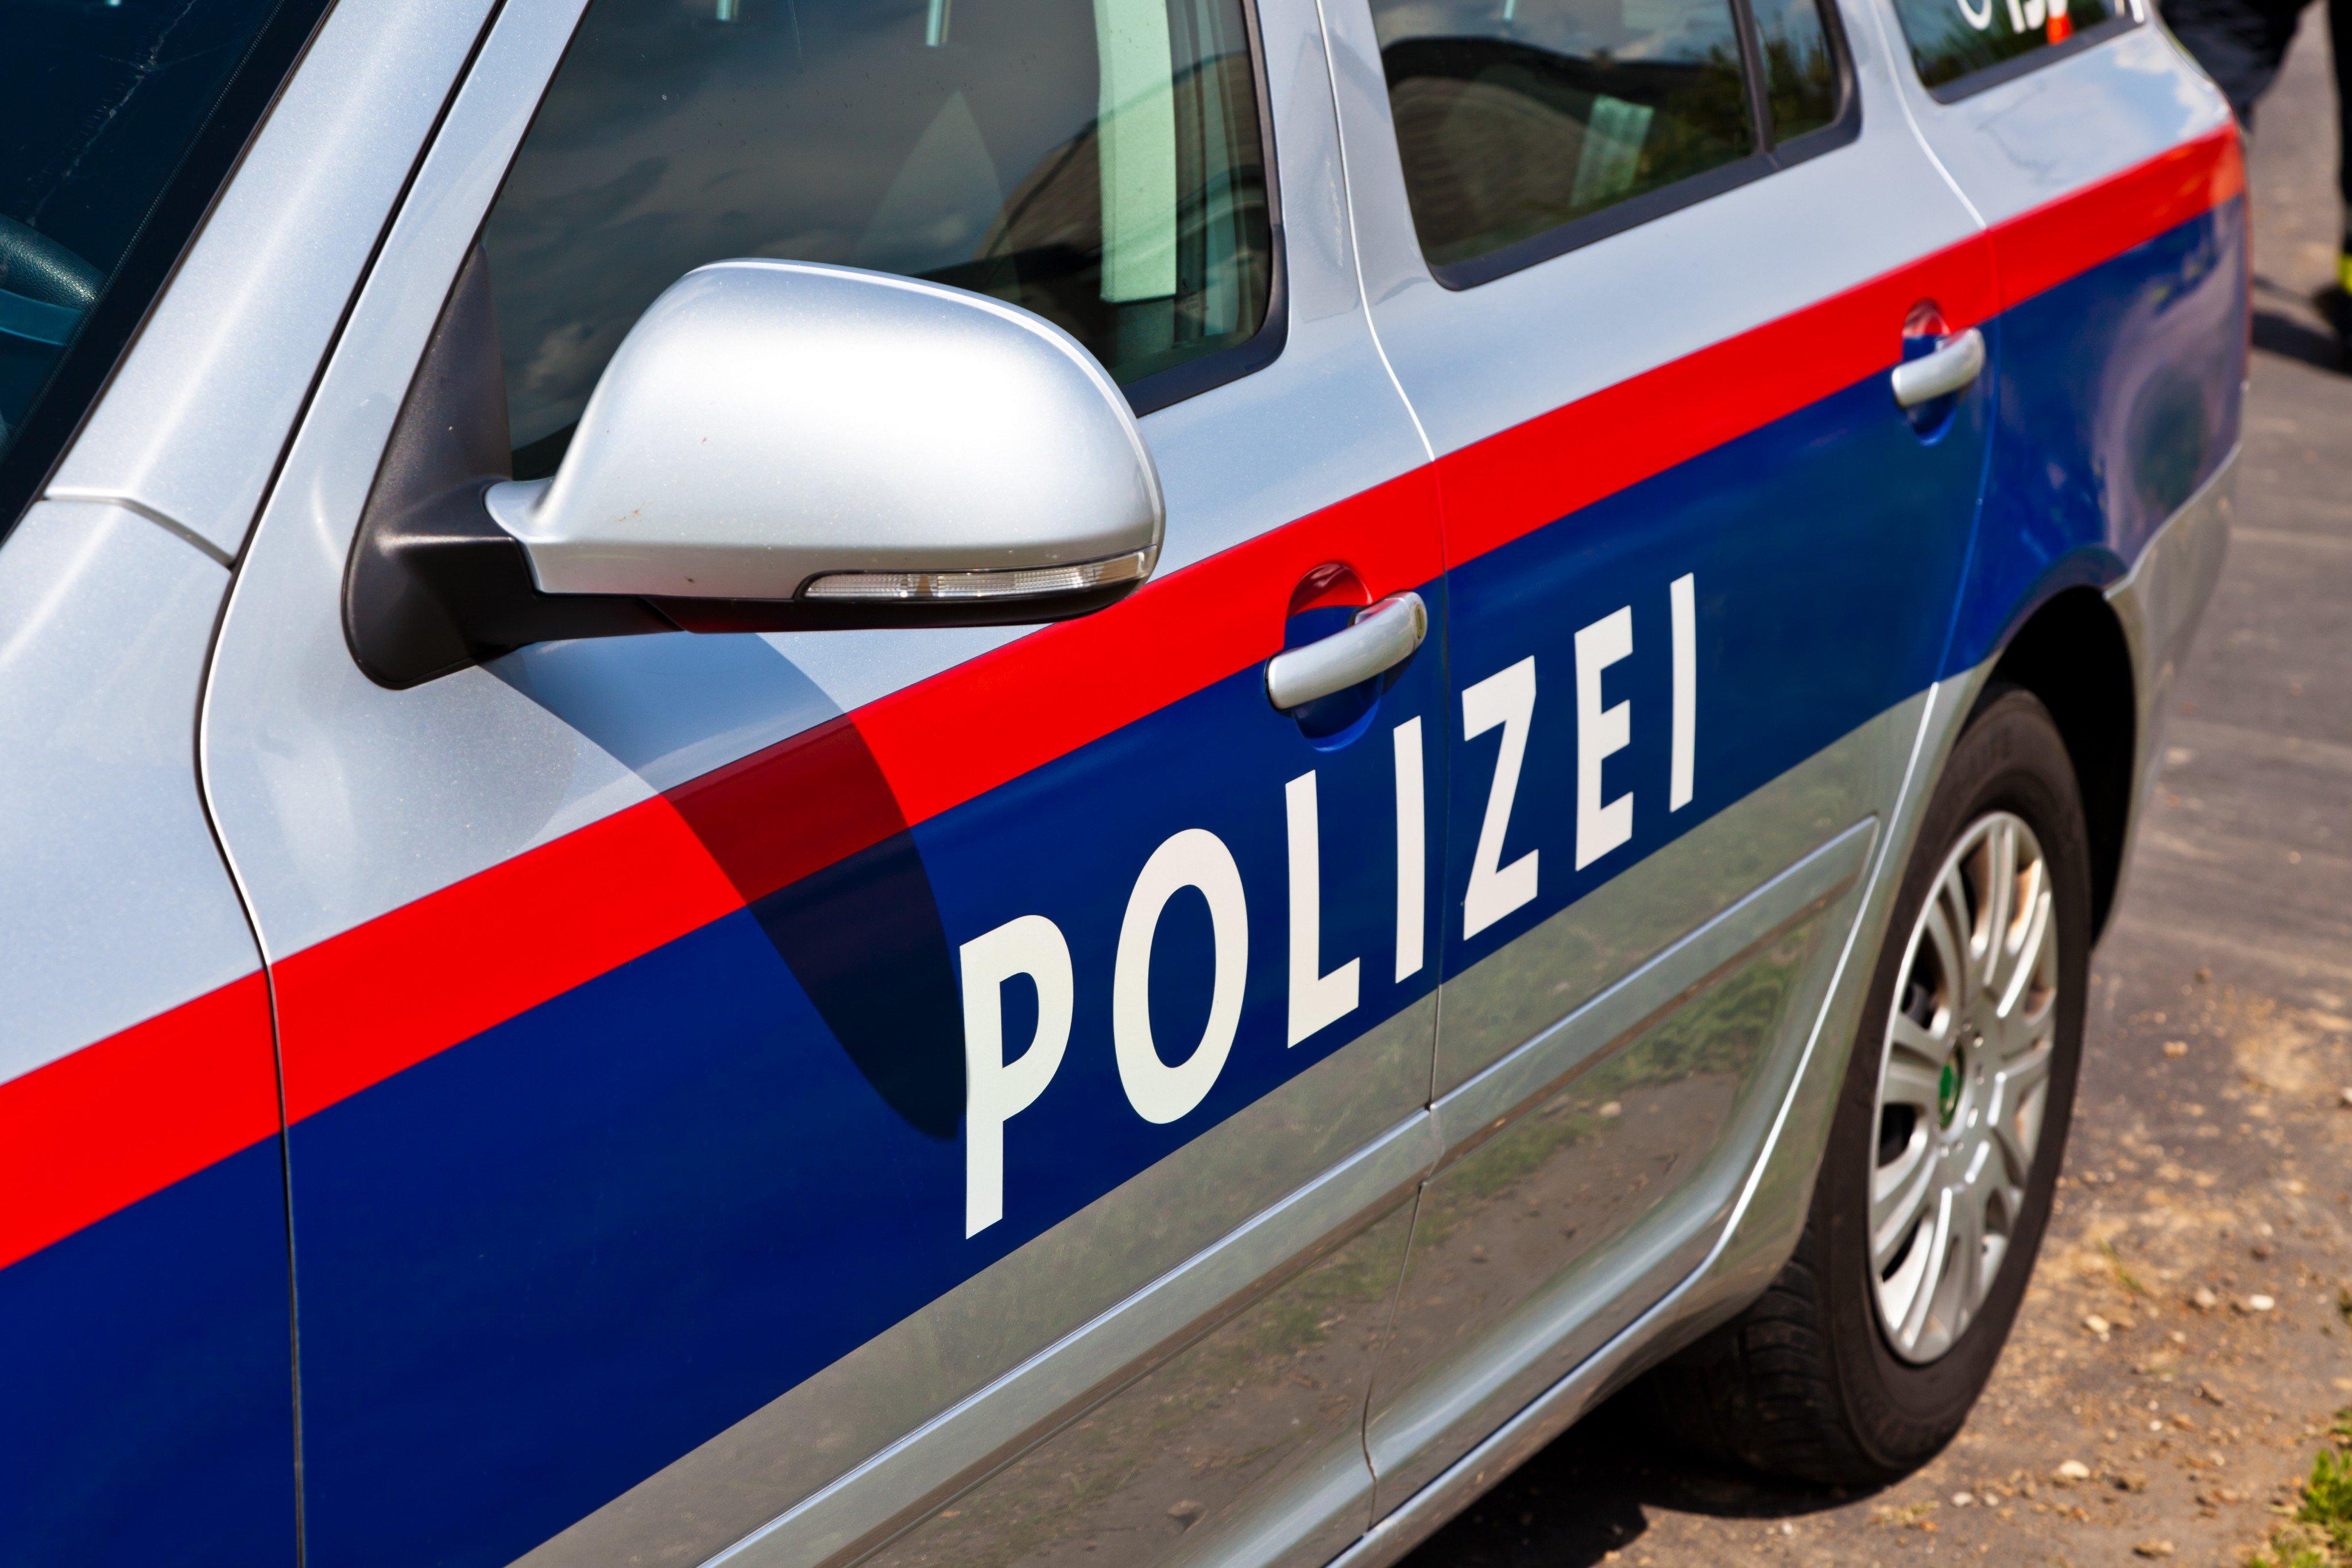 Vorarlberg: 16-Jähriger fährt 14-Jährige auf Schutzweg nieder